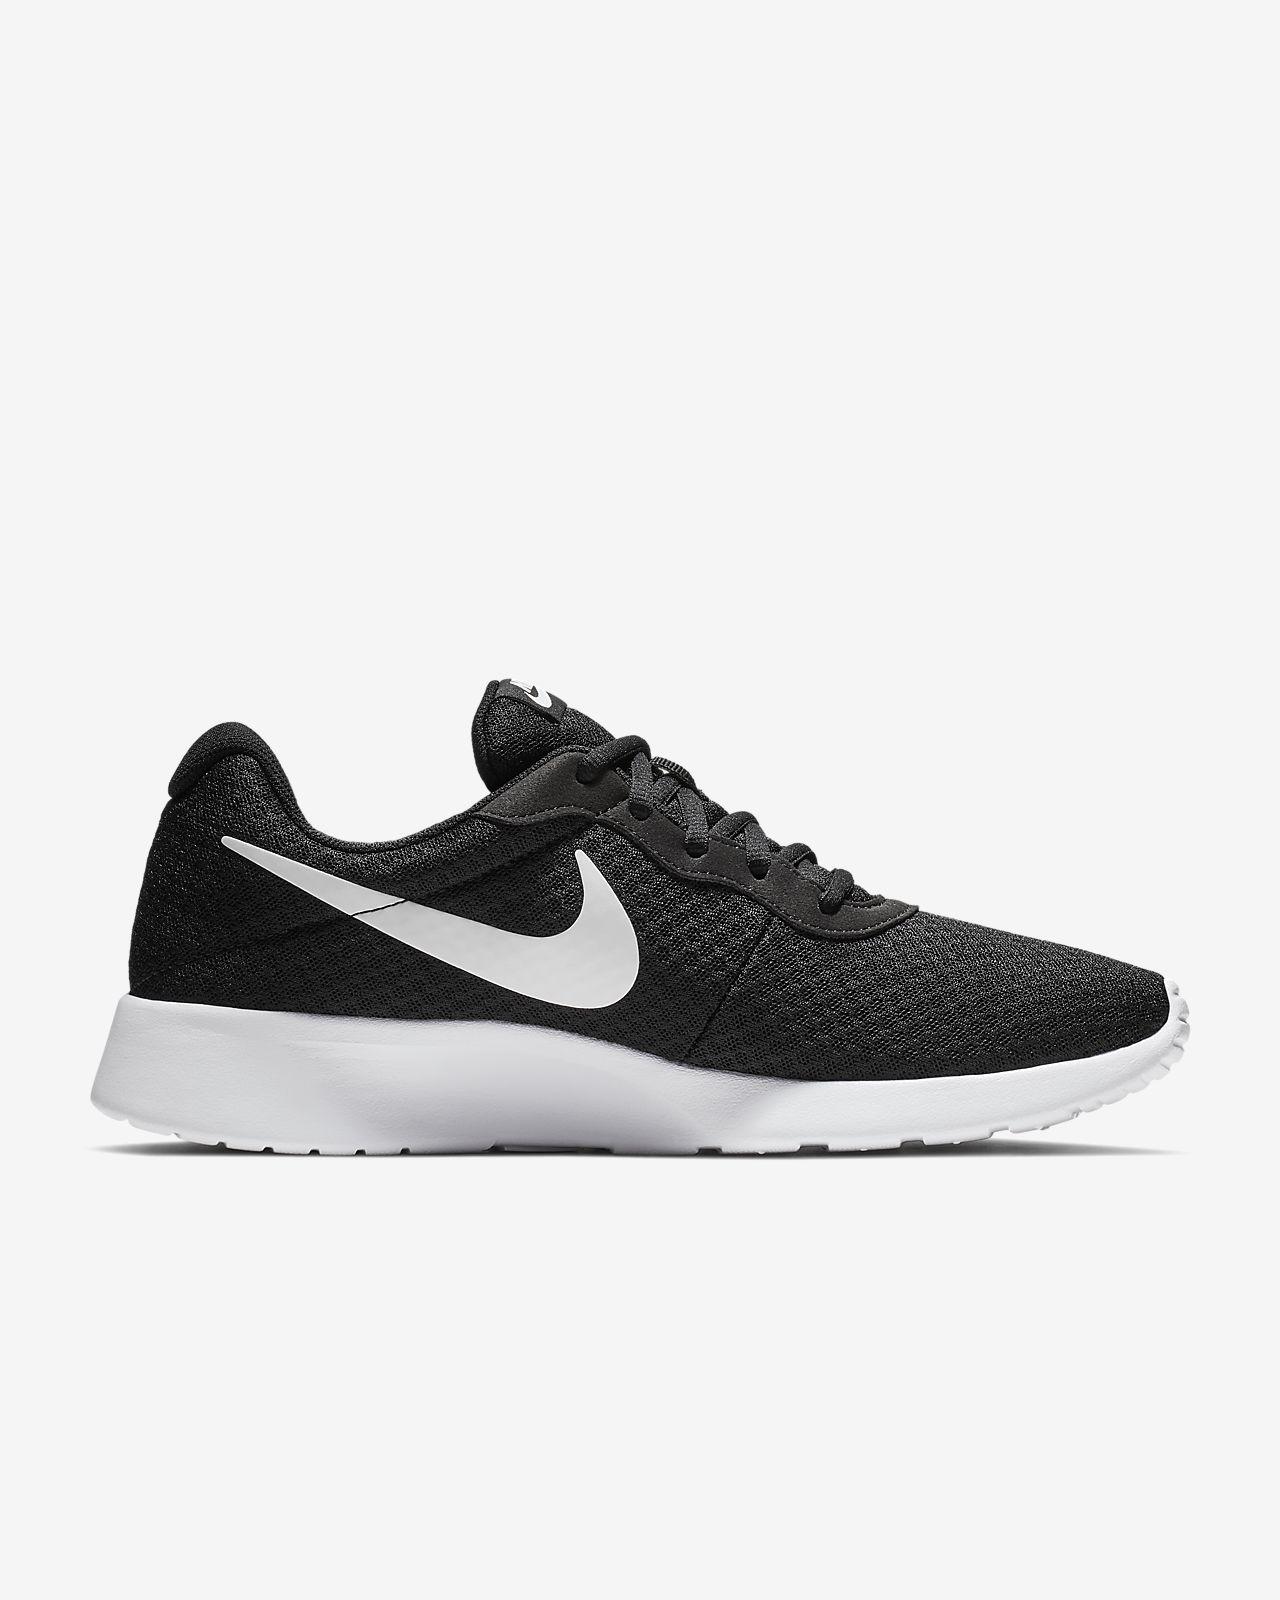 info for 04c0a 8b03a Calzado para hombre Nike Tanjun. Nike.com MX